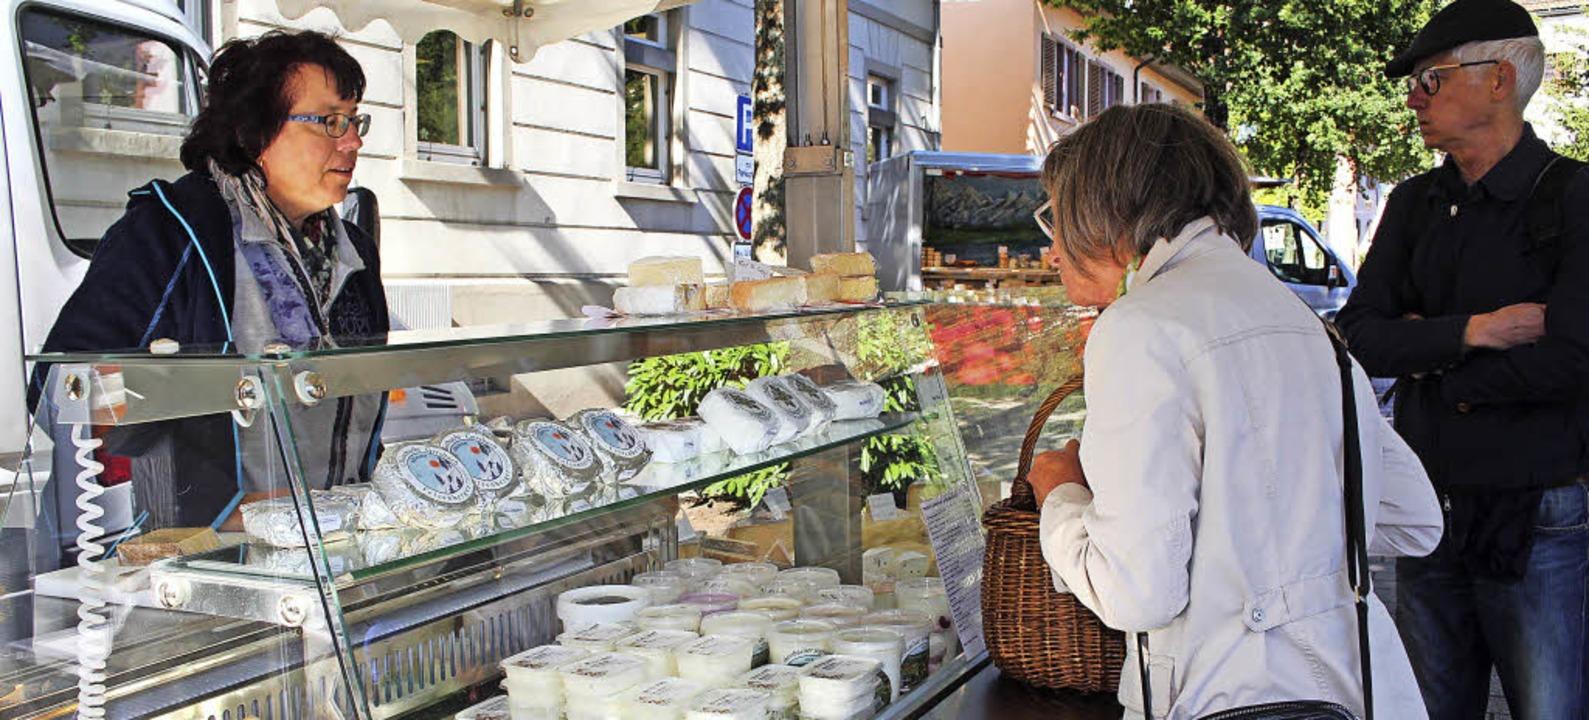 Bieten an ihrem Stand Käseleckereien a... Sutter von der Chäs-Chuchi Gersbach.   | Foto: Anja Bertsch